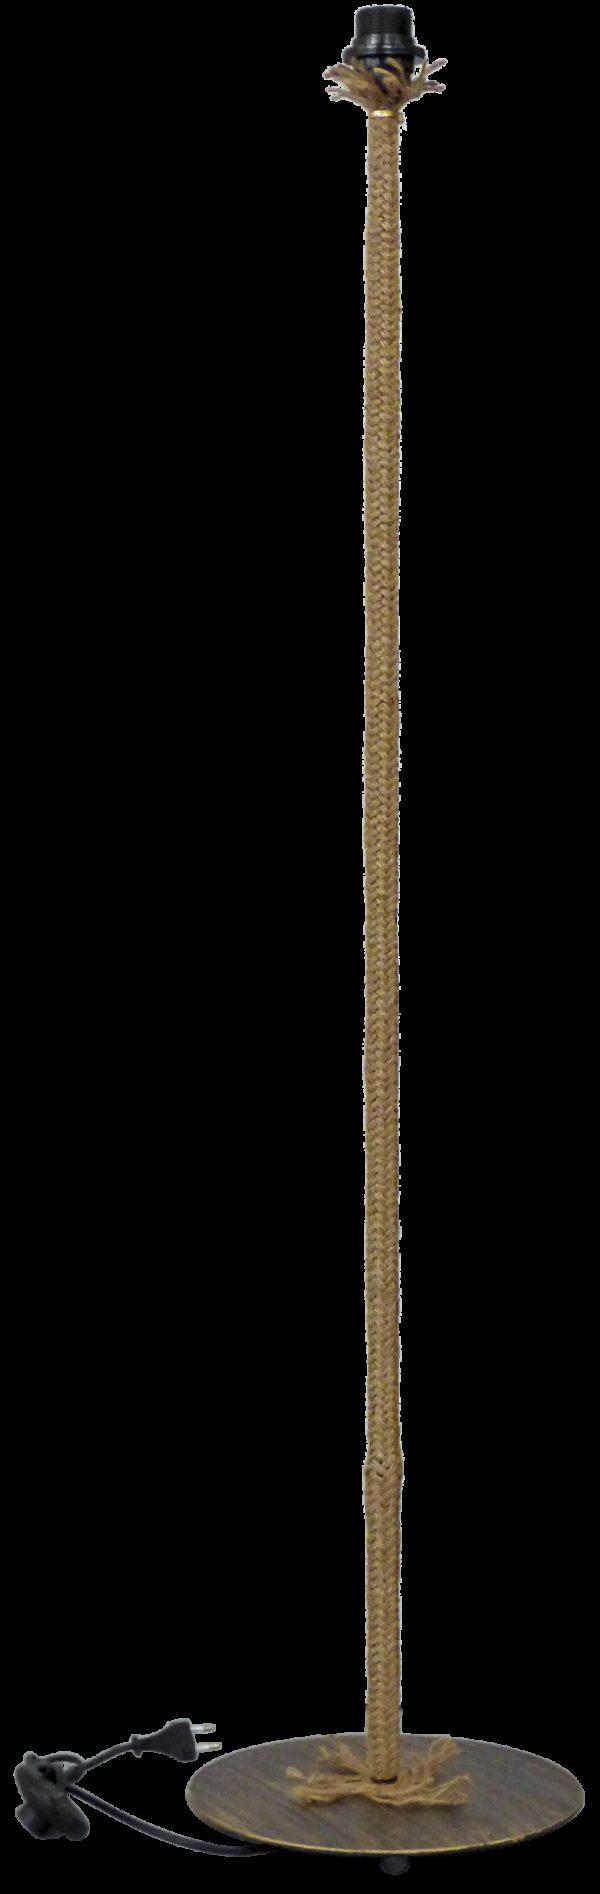 490-09-0058-Φωτιστικό Δαπέδου βάση FLB-03 120cm UT-BR 09-0058